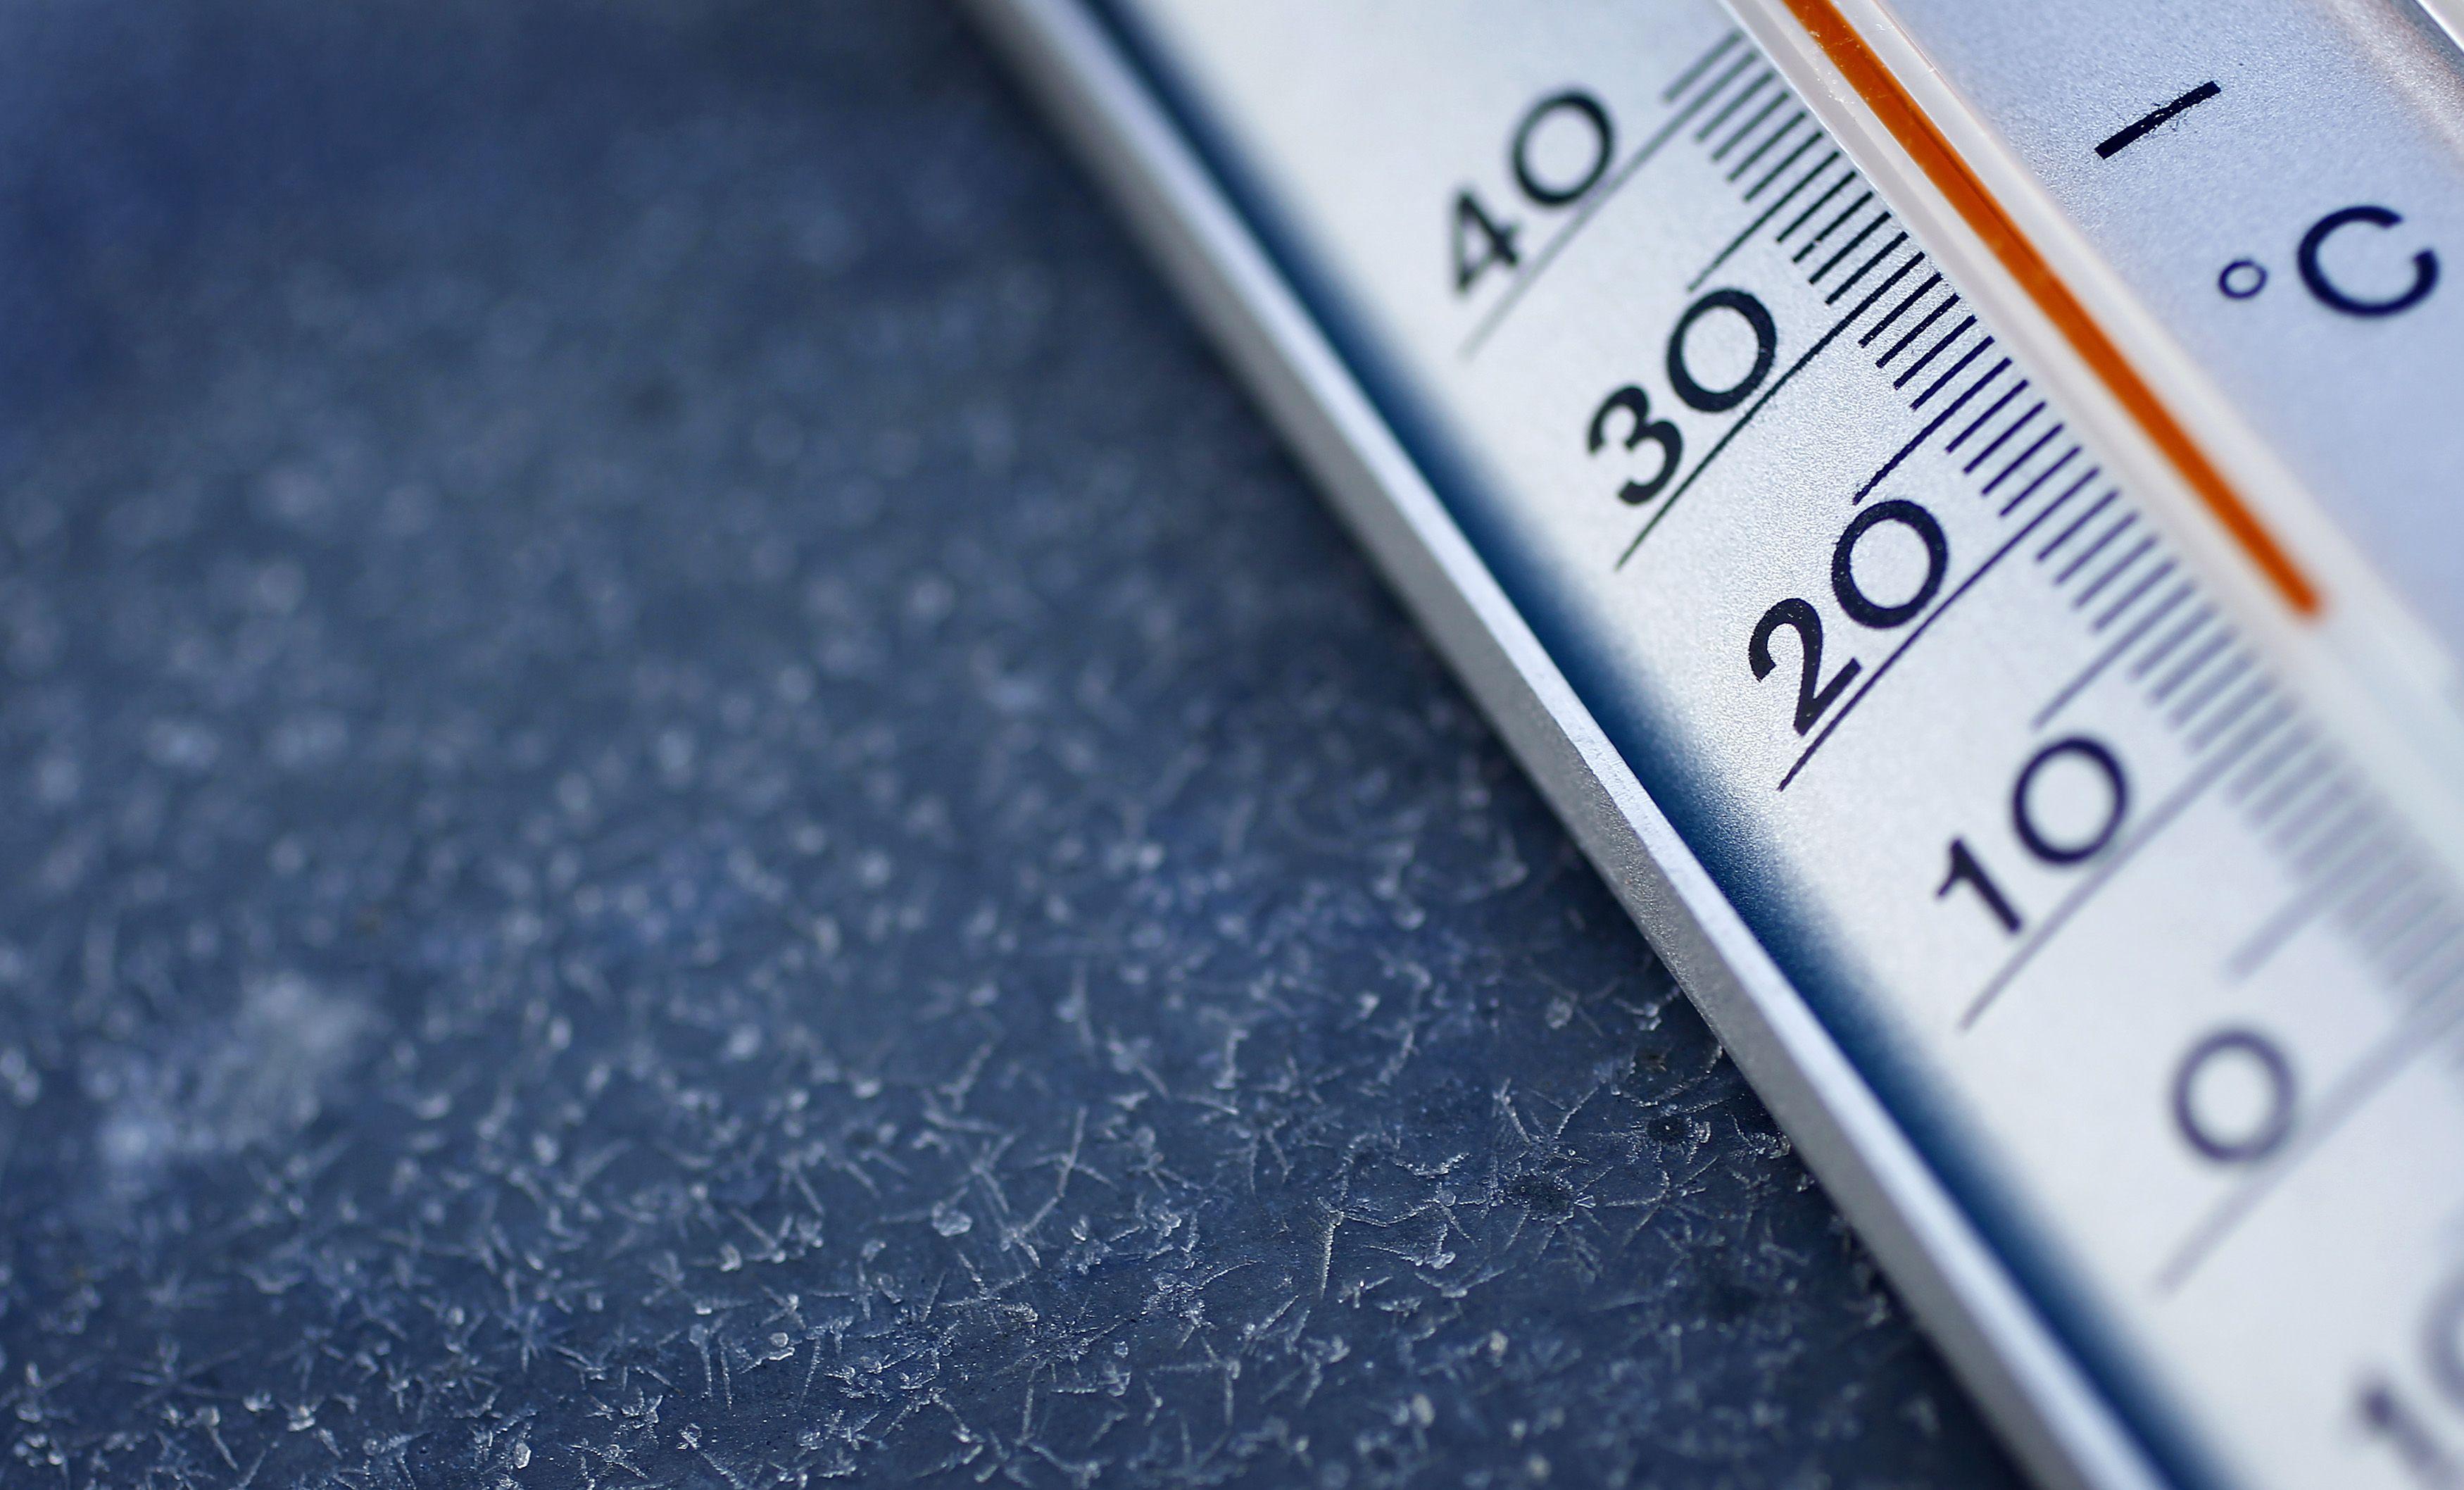 Week-end de l'Ascension : le plus chaud à l'échelle nationale depuis 1900